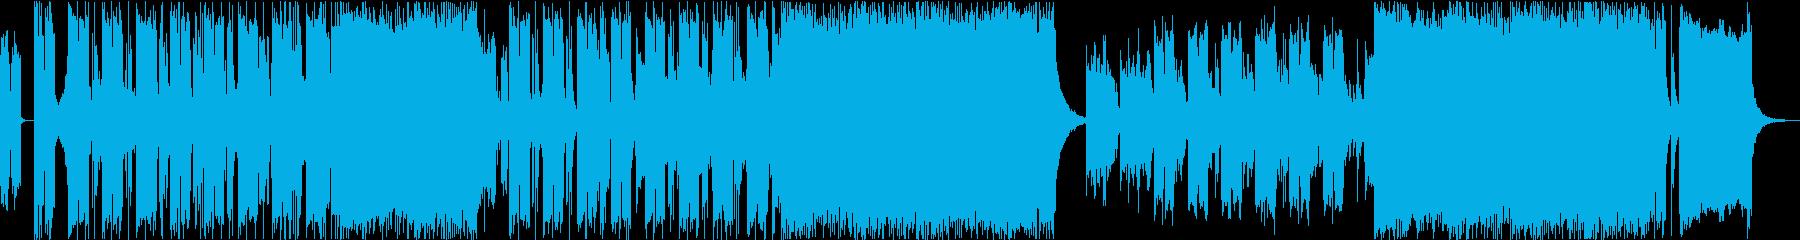 メタル 積極的 焦り 神経質 ワイ...の再生済みの波形